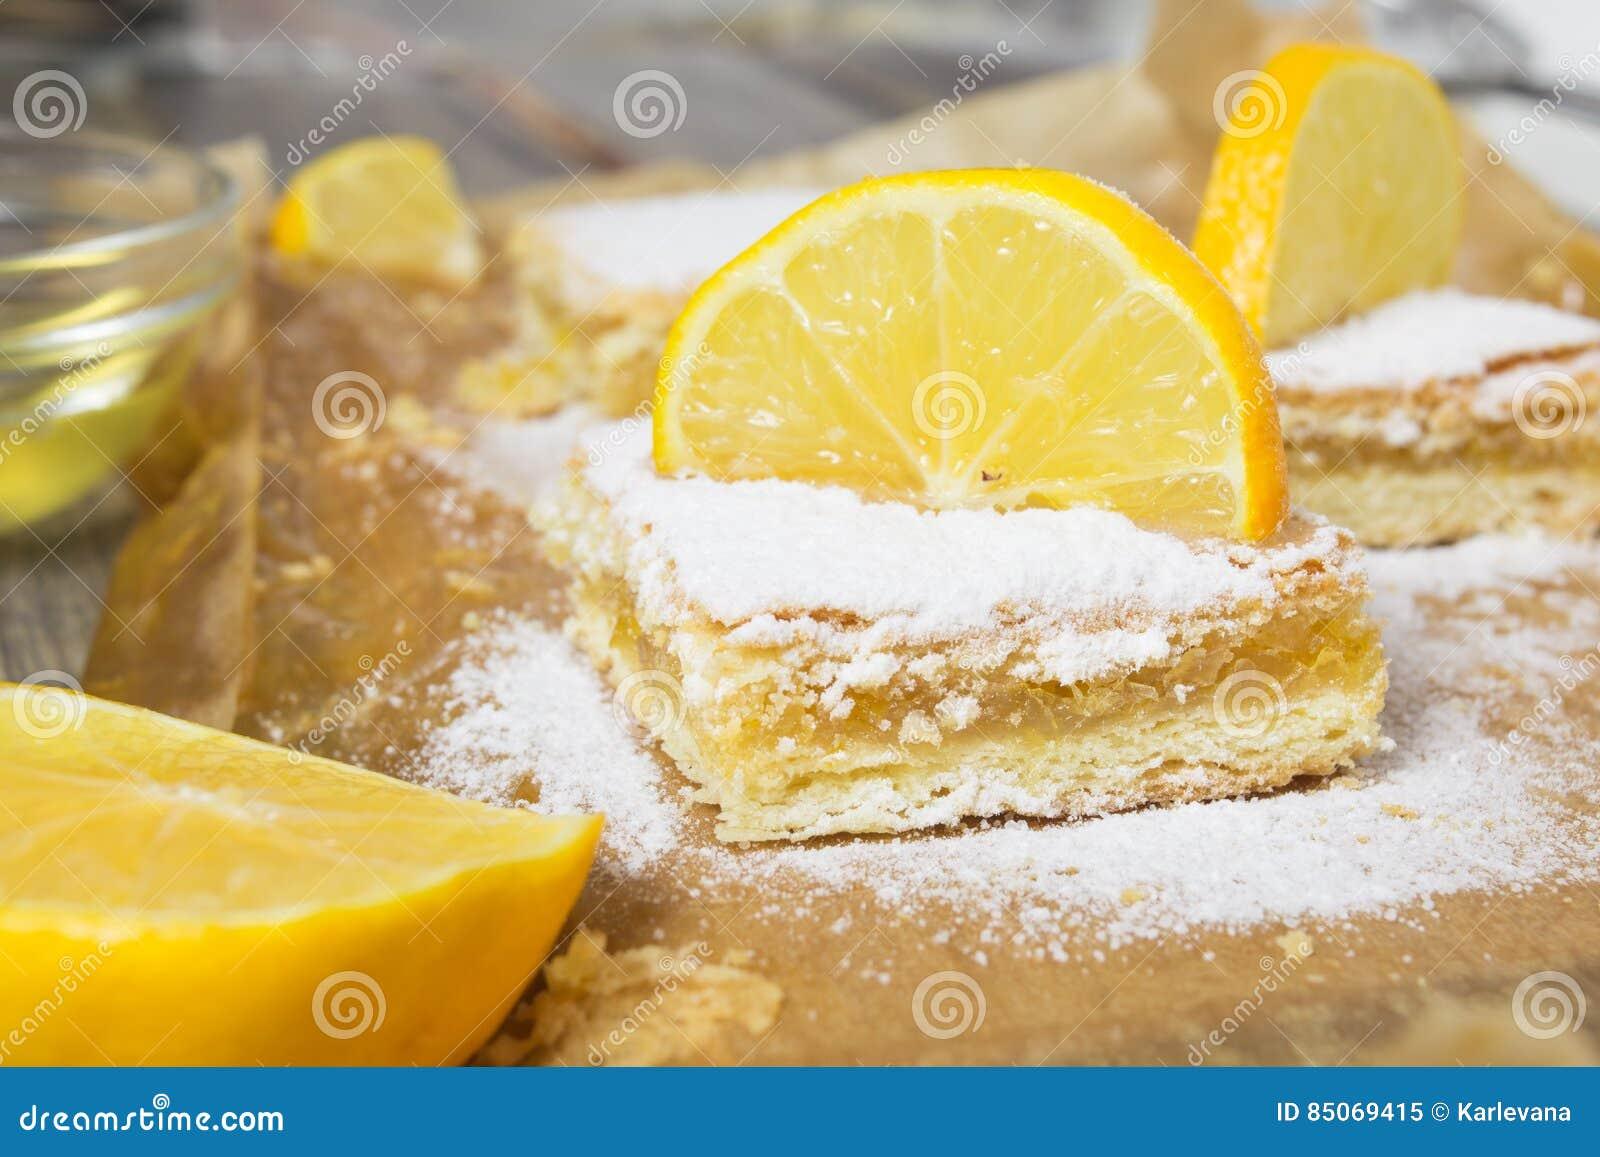 Torta Del Limone Con La Polvere Dello Zucchero E La Decorazione Del